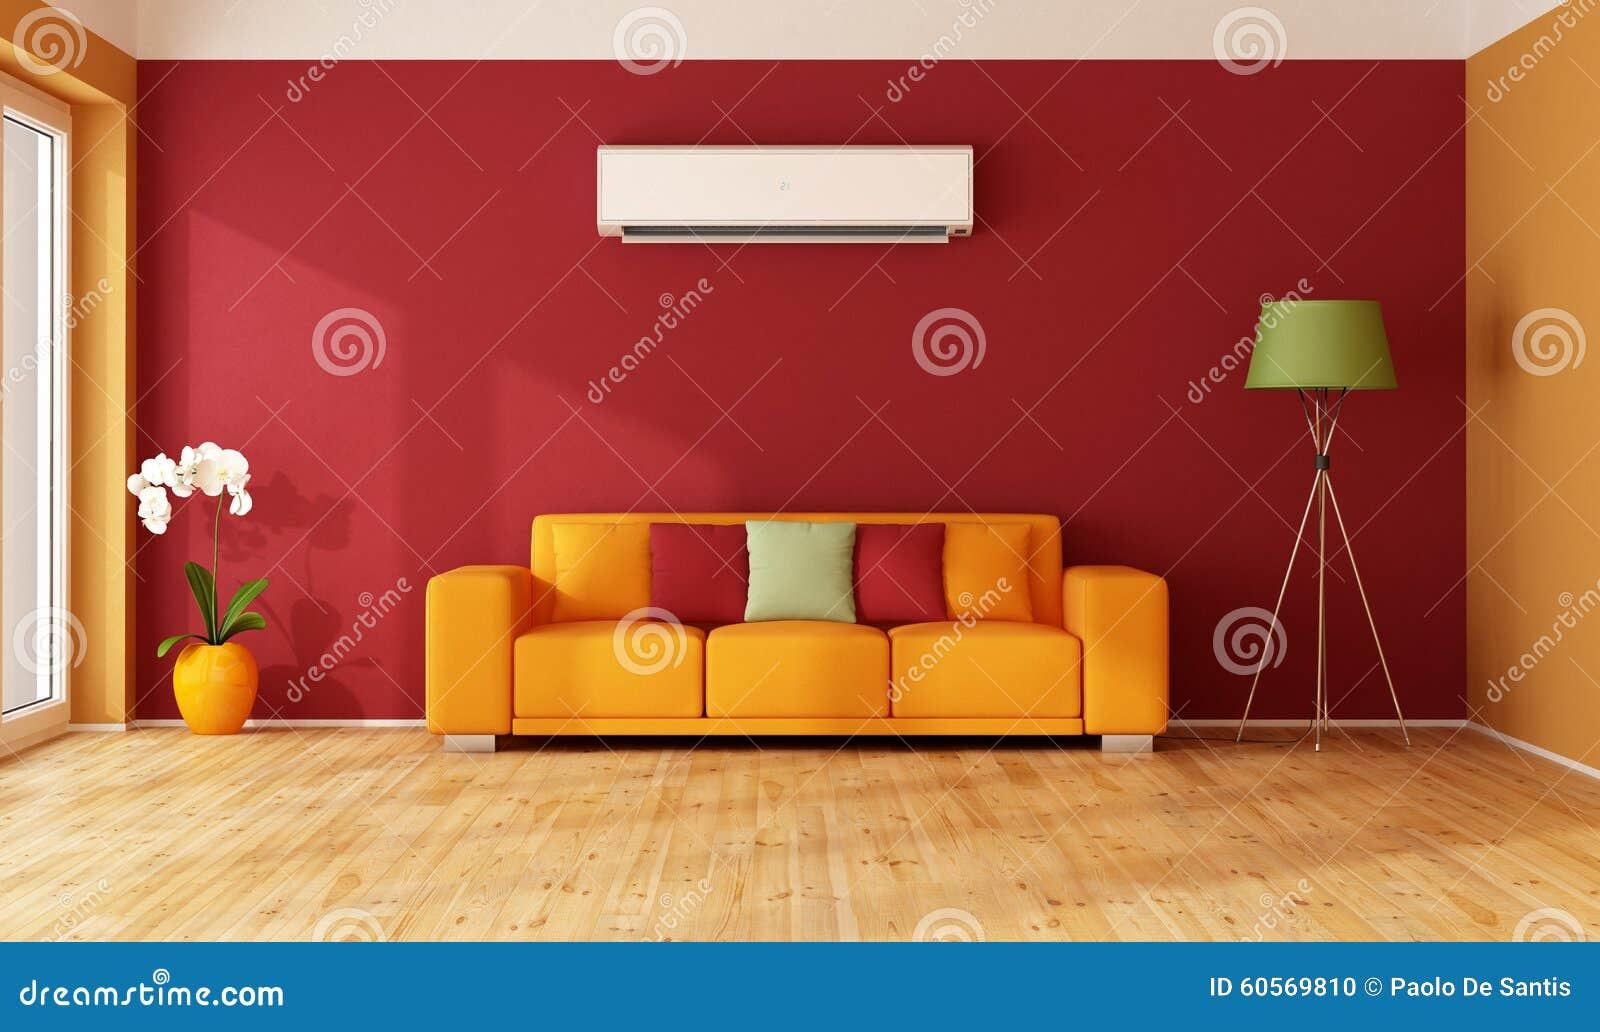 Rotes Und Orange Wohnzimmer Stock Abbildung - Illustration von weiß ...